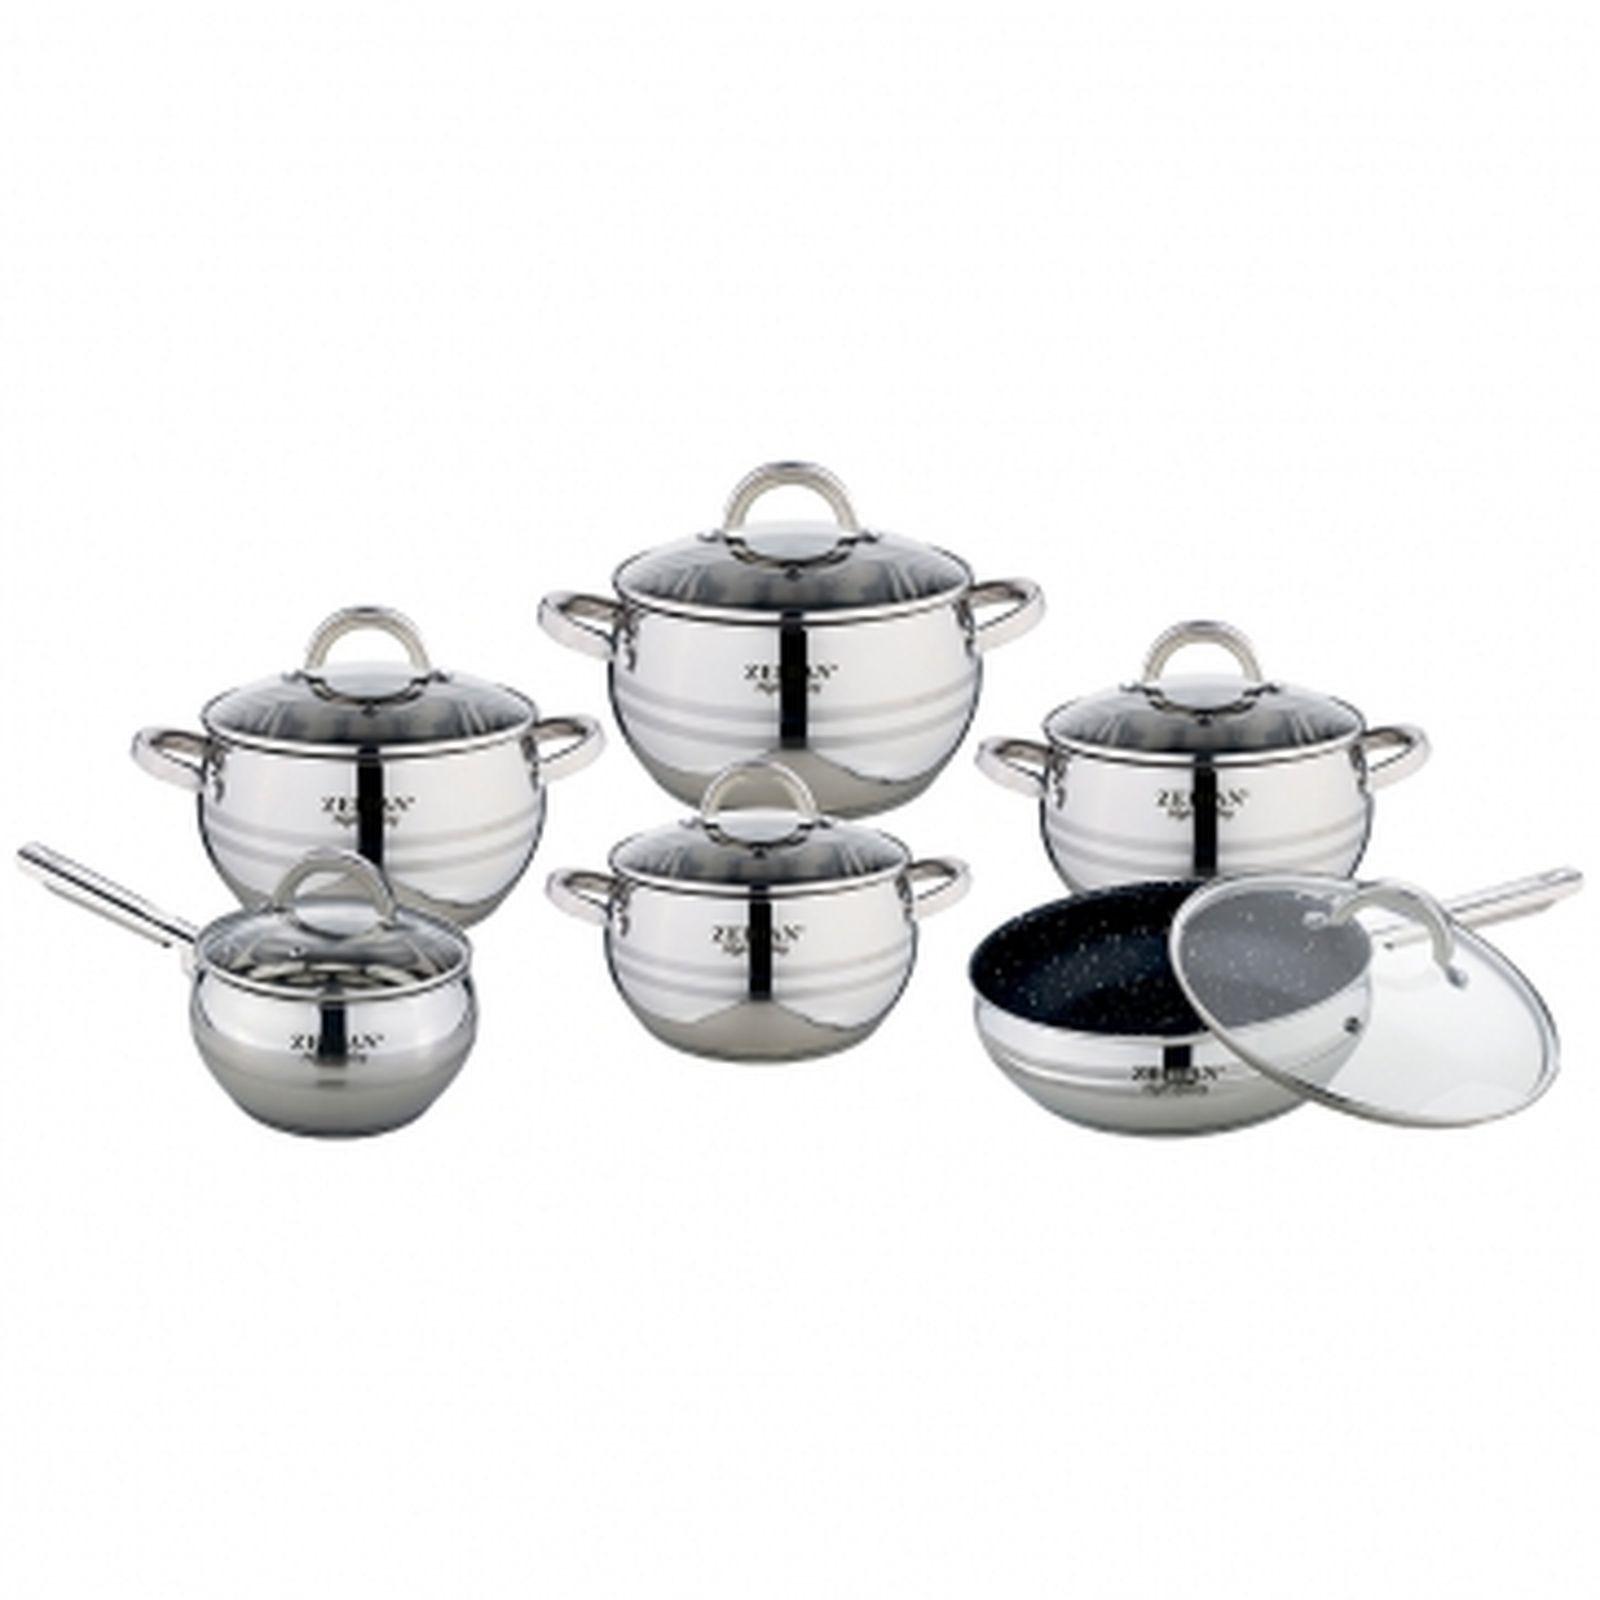 Набор посуды Zeidan, Z-51207, с крышками, 12 предметов